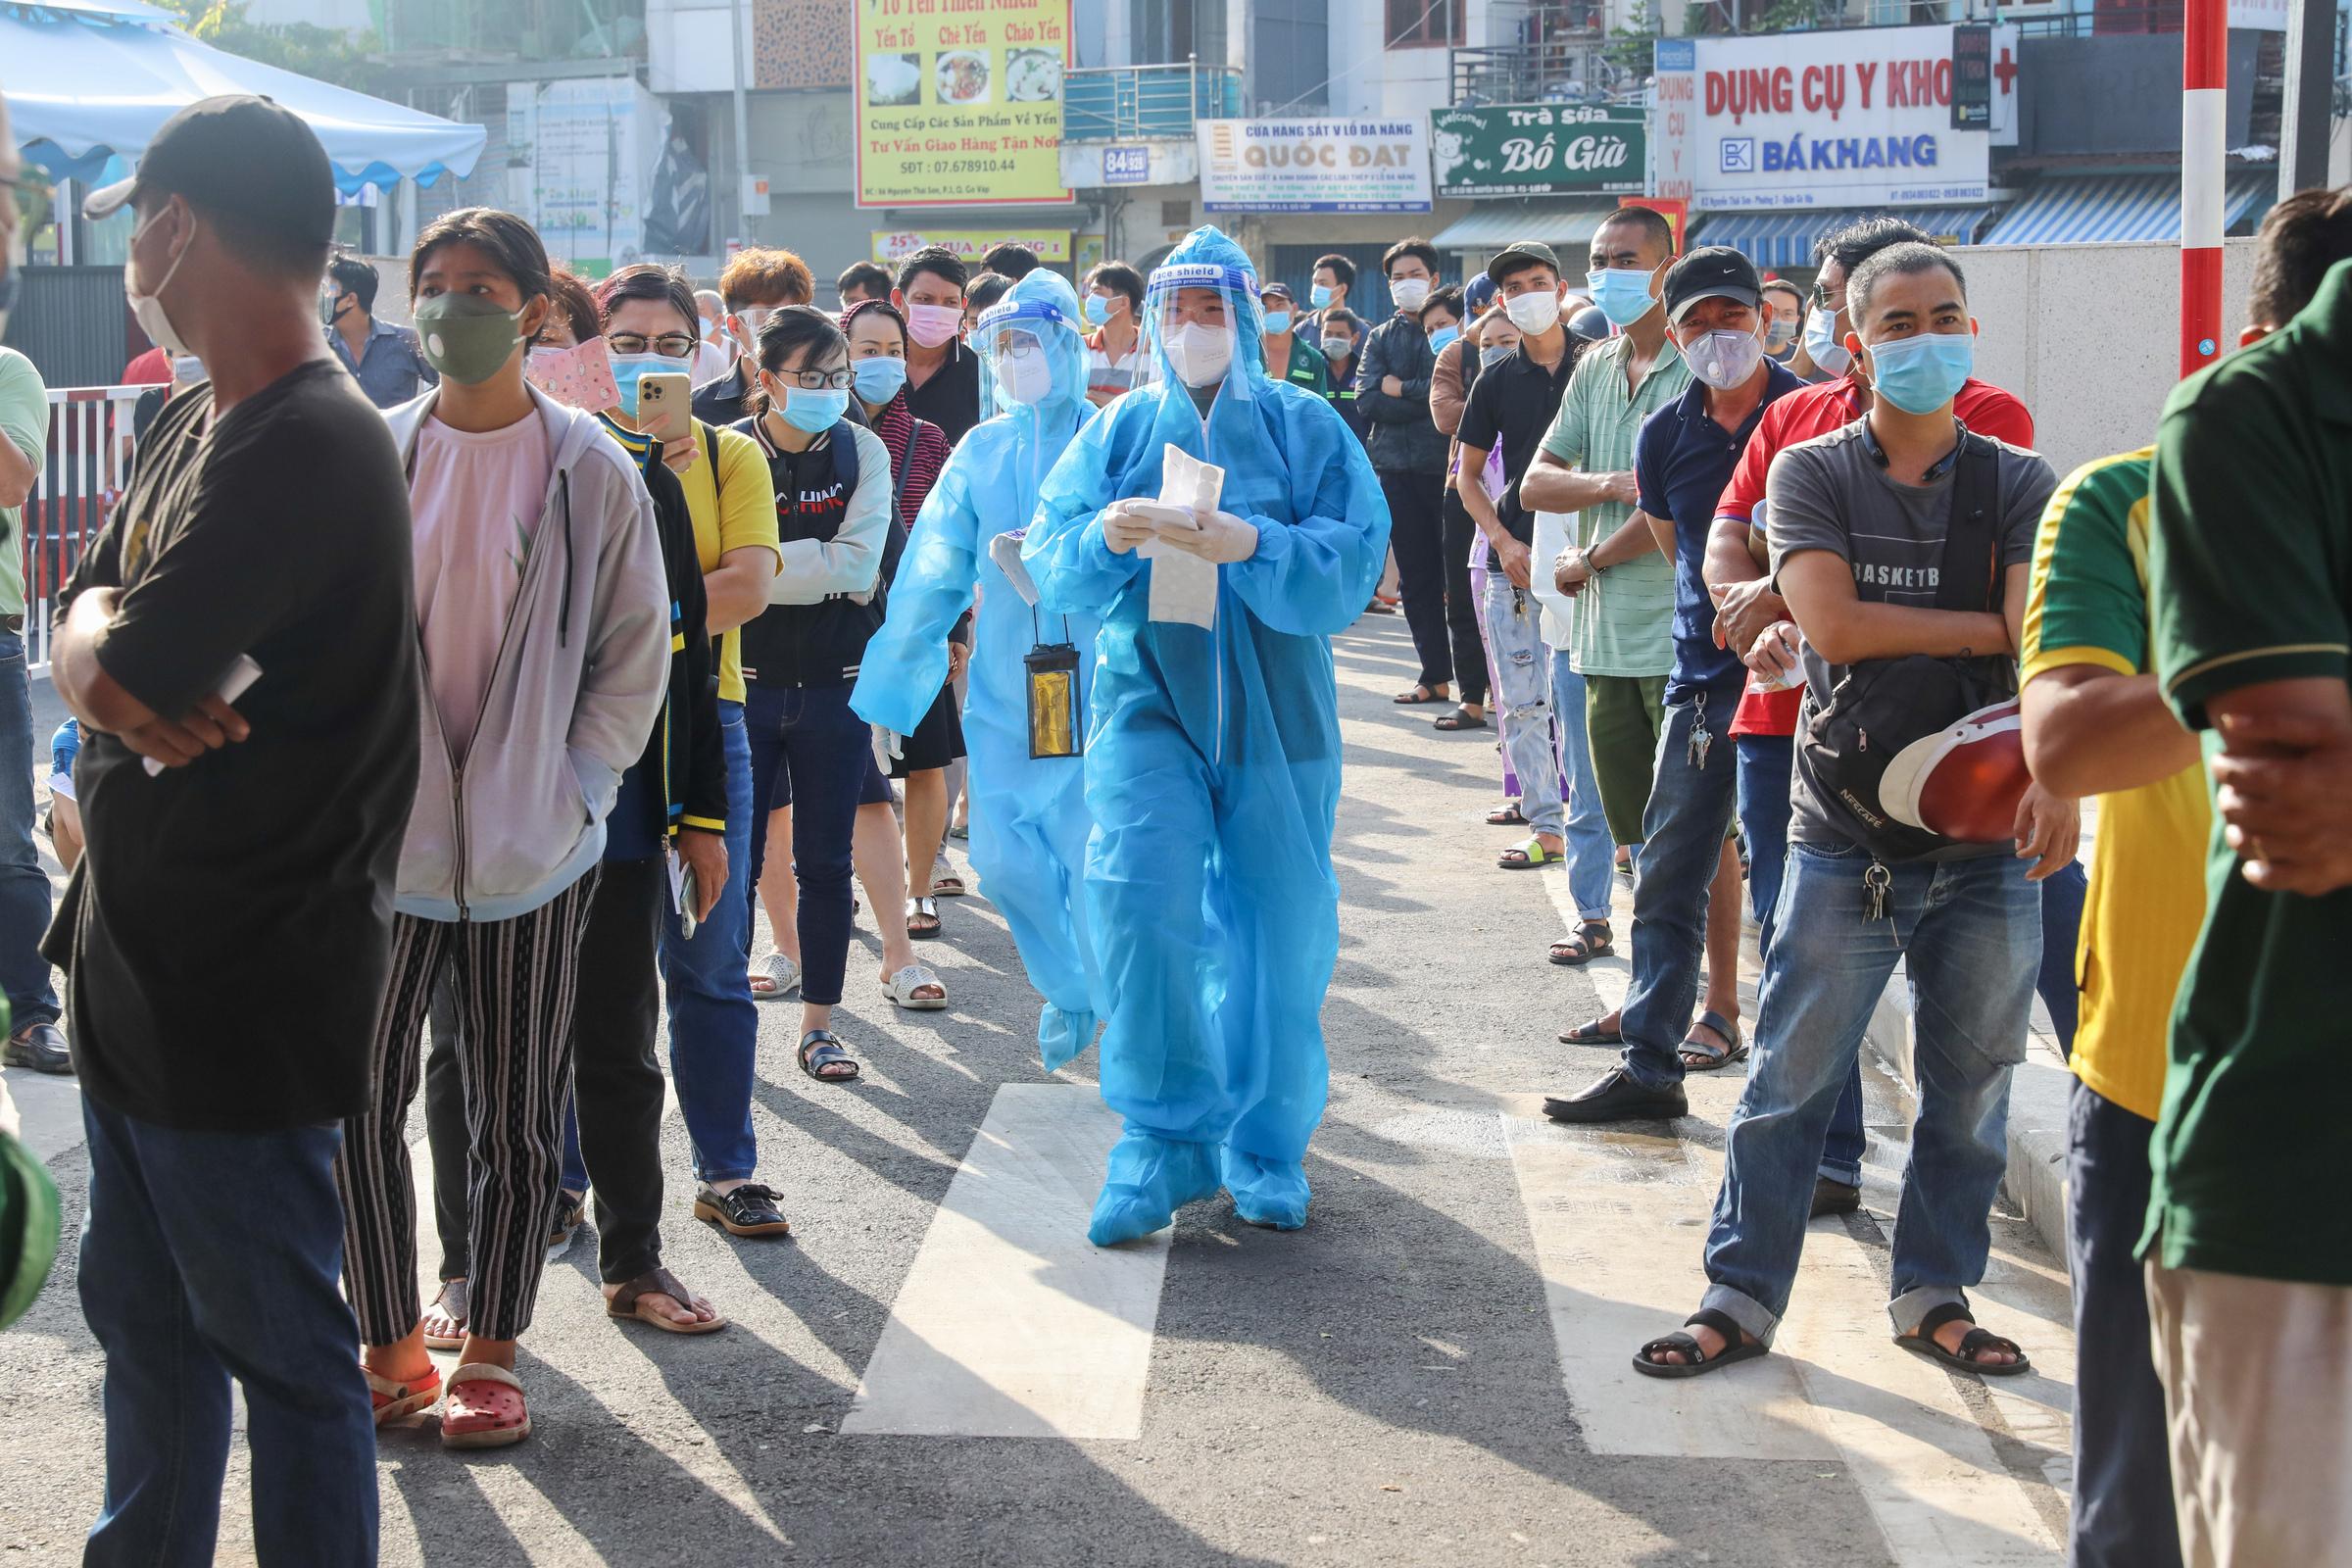 Người dân TP HCM xếp hàng chờ xét nghiệm Covid-19 tại bệnh viện Quân y 175 (quận Gò Vấp), ngày 6/7. Ảnh: Quỳnh Trần